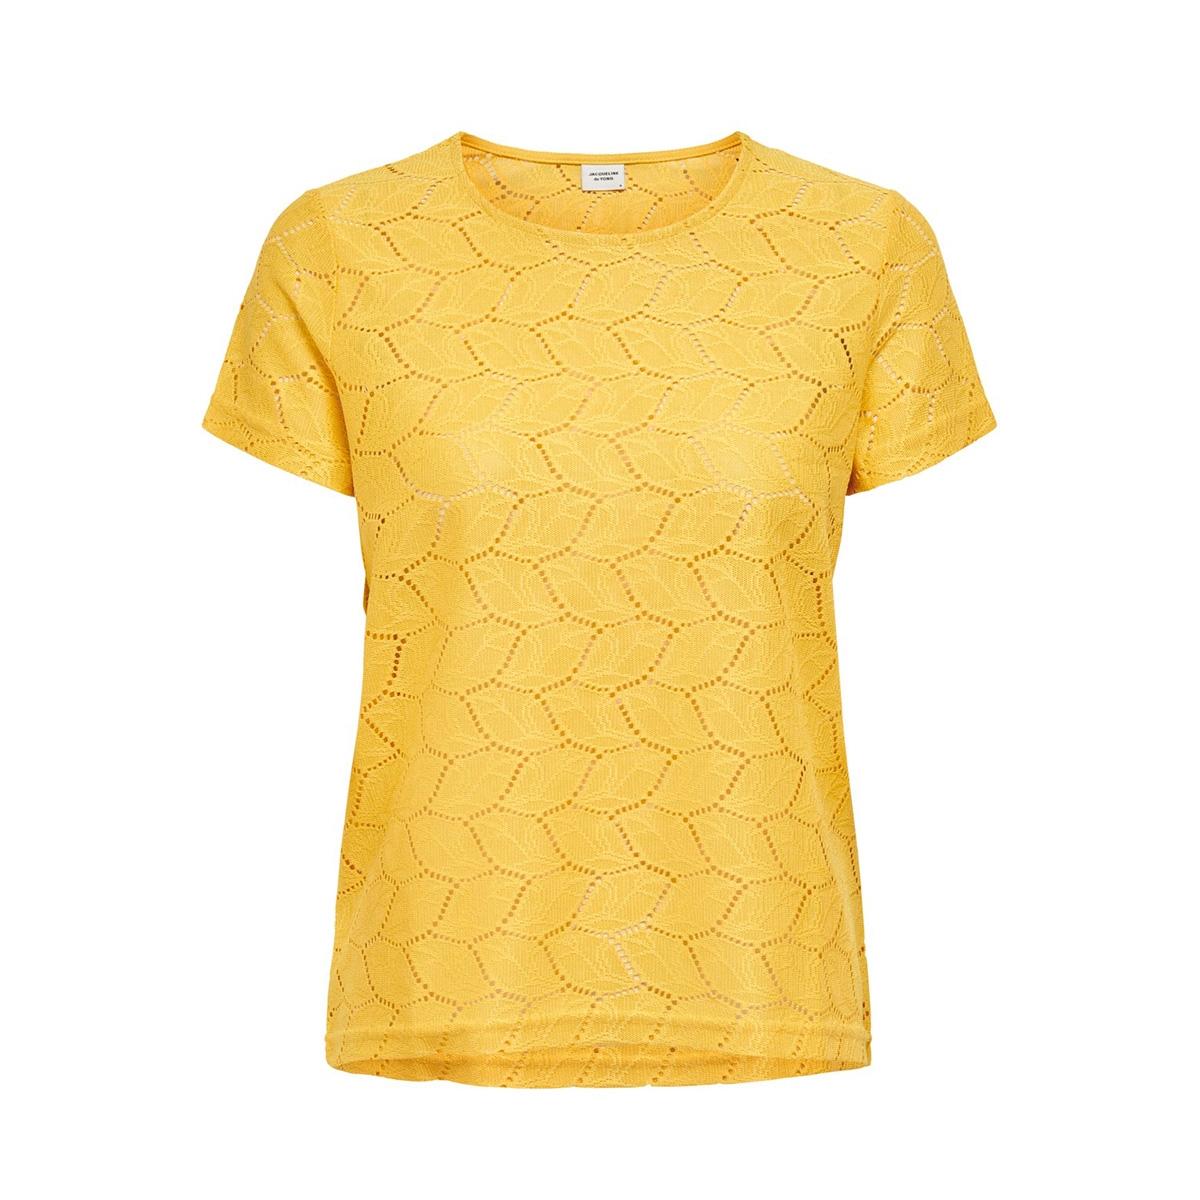 jdytag s/s lace top jrs rpt2 noos 15152331 jacqueline de yong t-shirt misted yellow